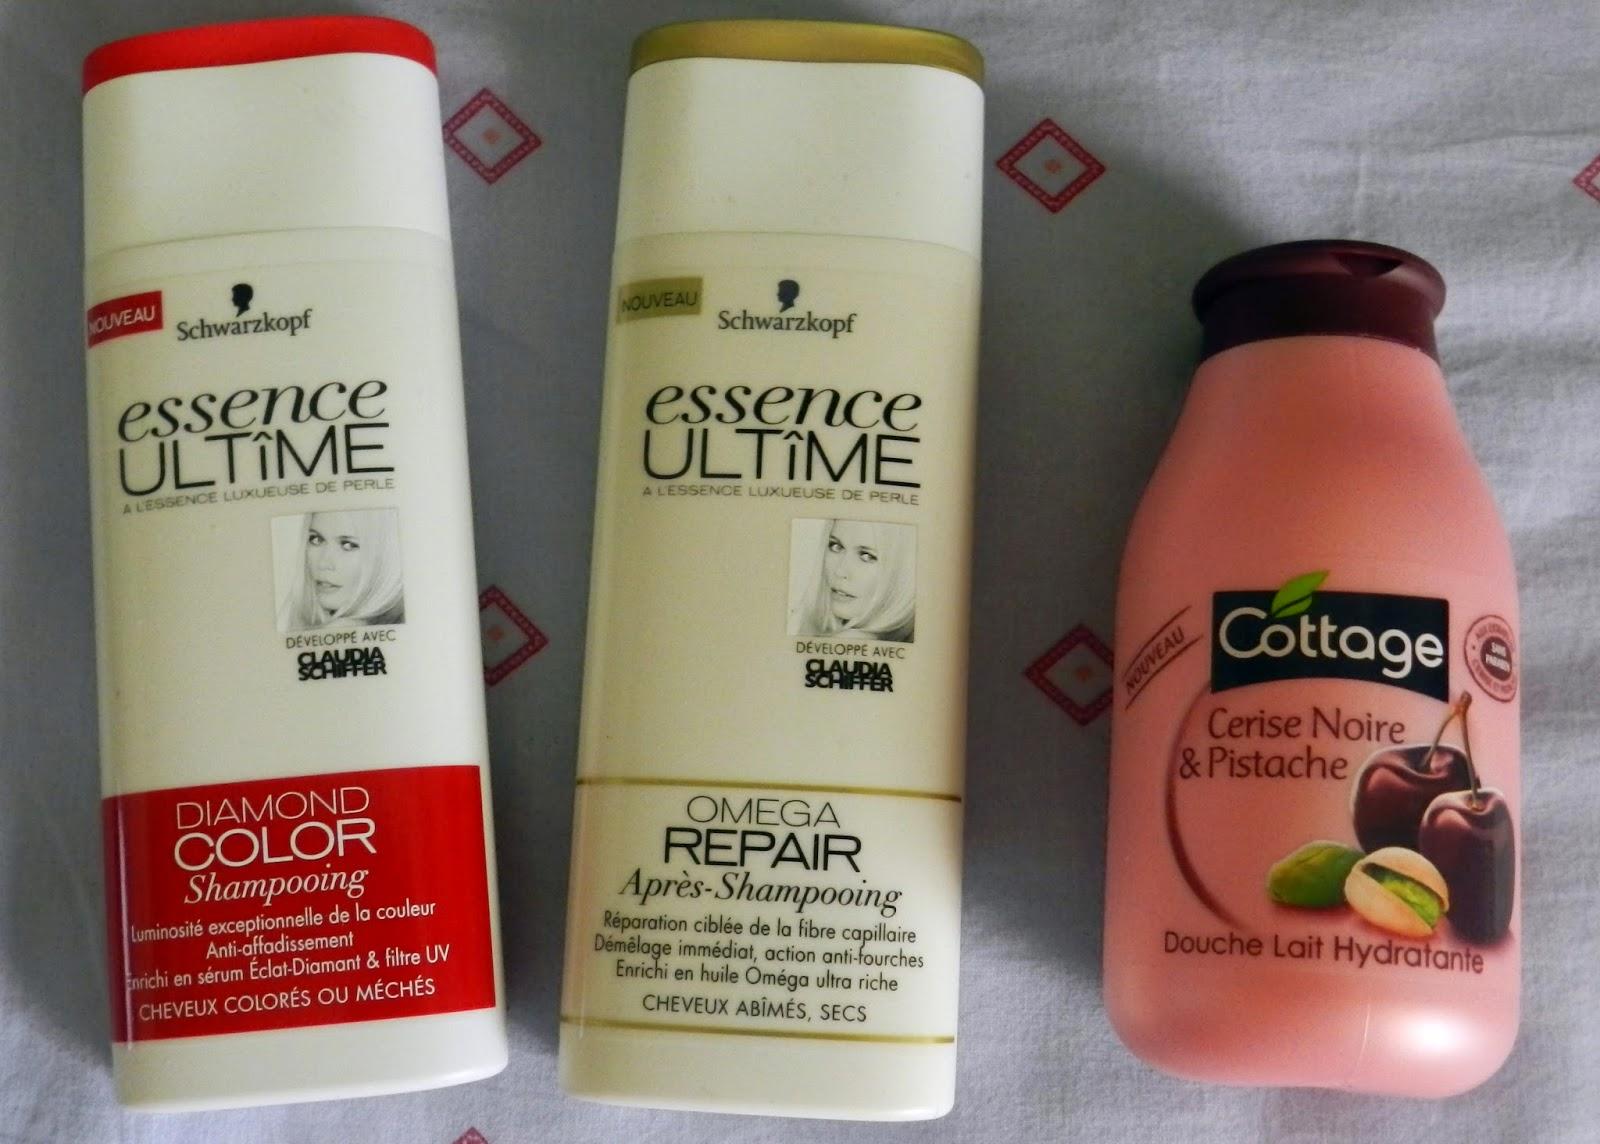 Schwarzkopf Essence Ultime Shampoo & Conditioner, Cottage shower milk